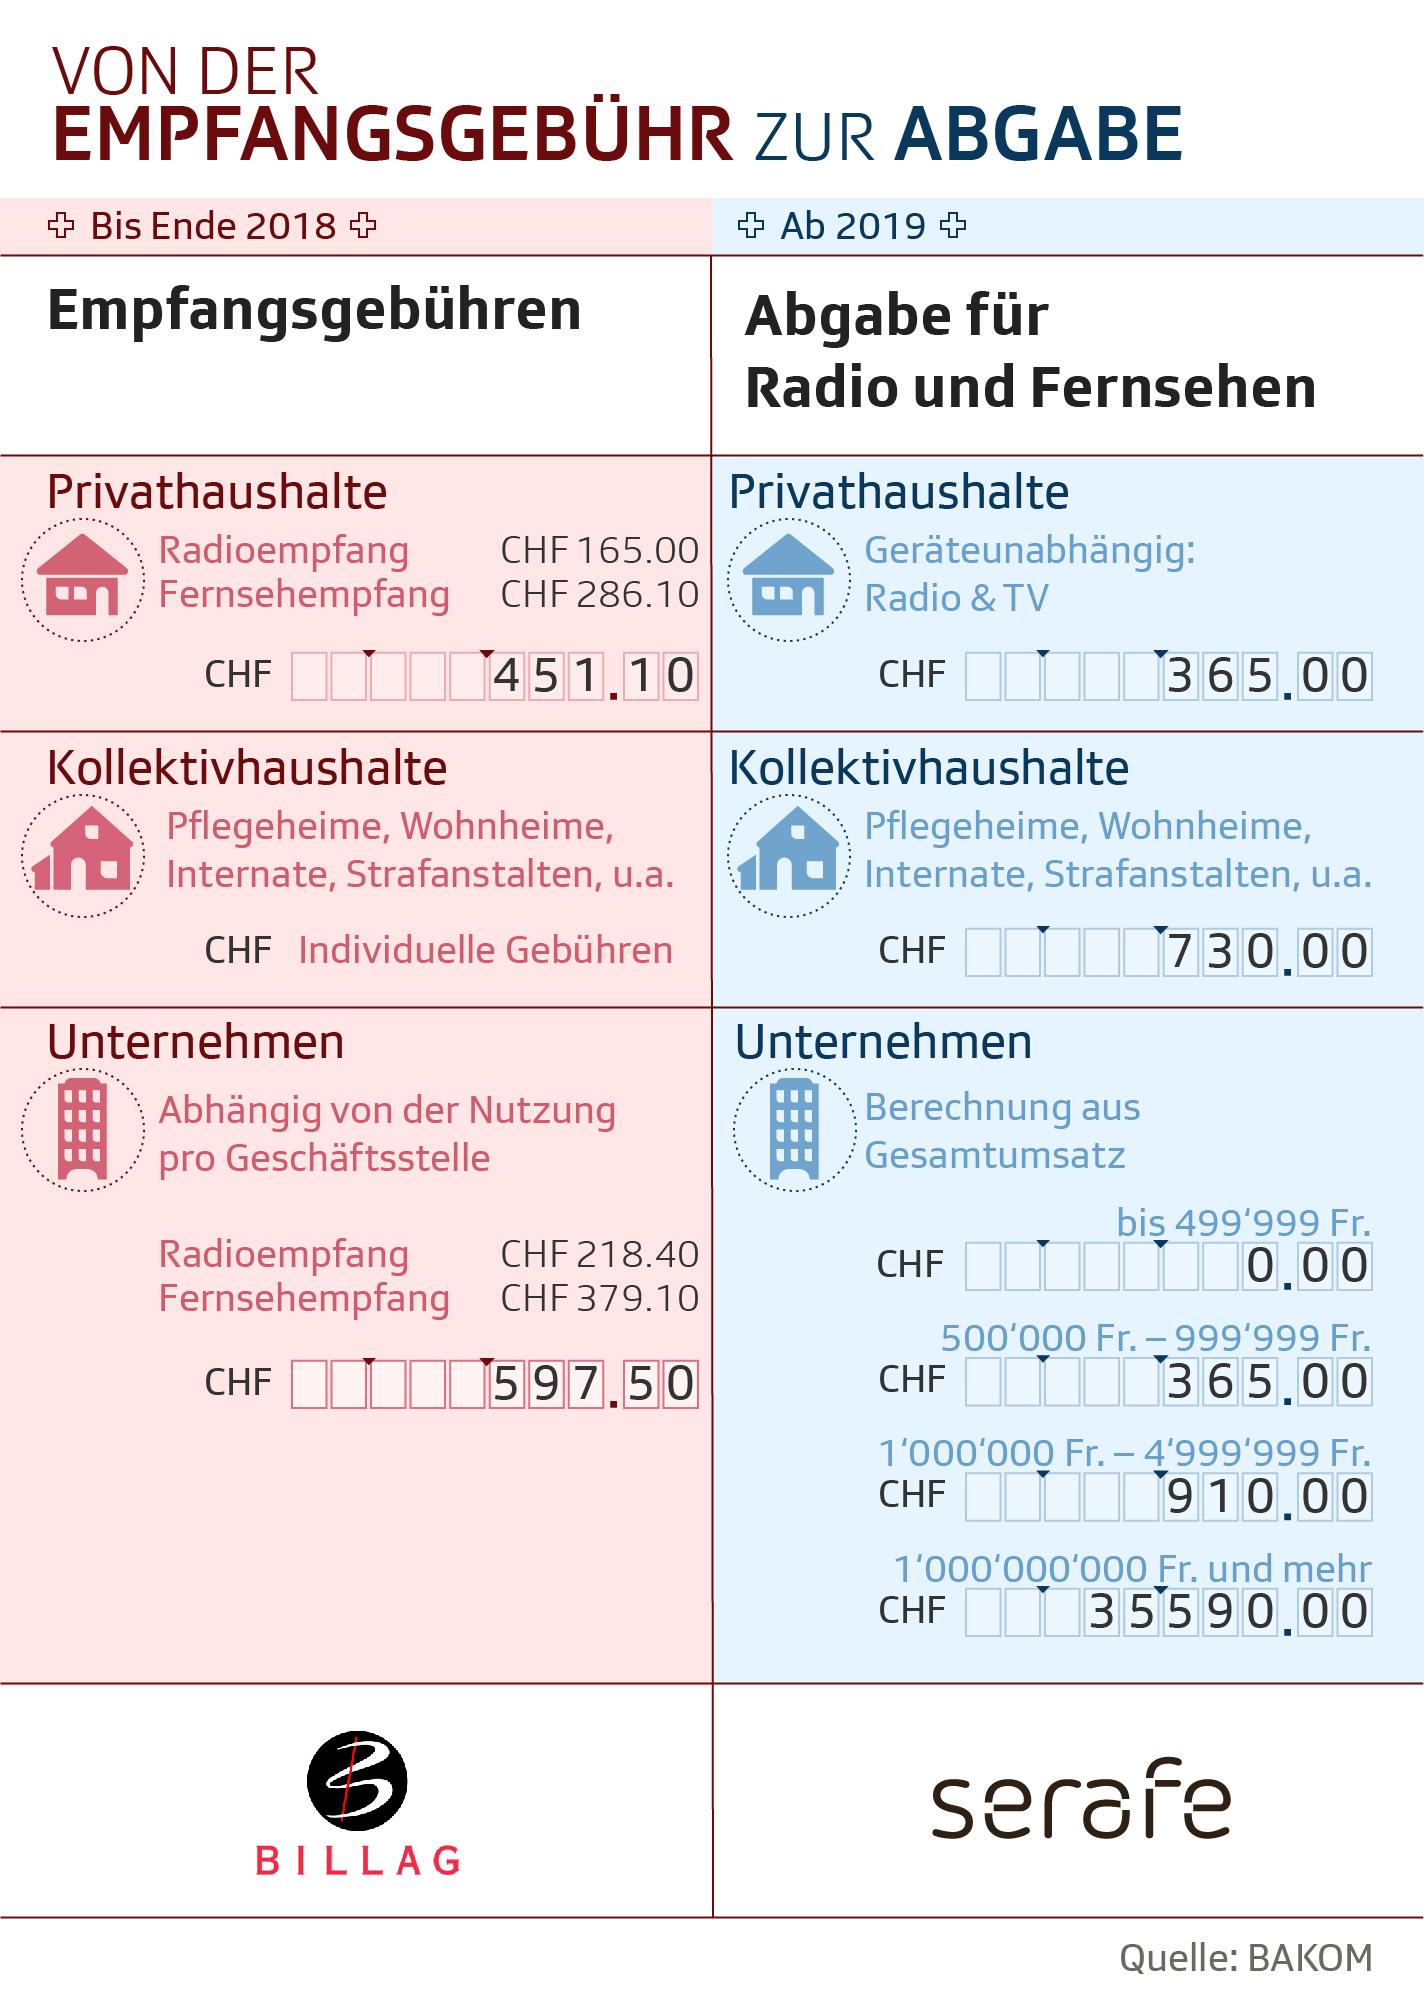 Die Infografik vergleicht die Kosten für die neue Radio- und TV-Abgabe mit den aktuellen Empfangsgebühren.